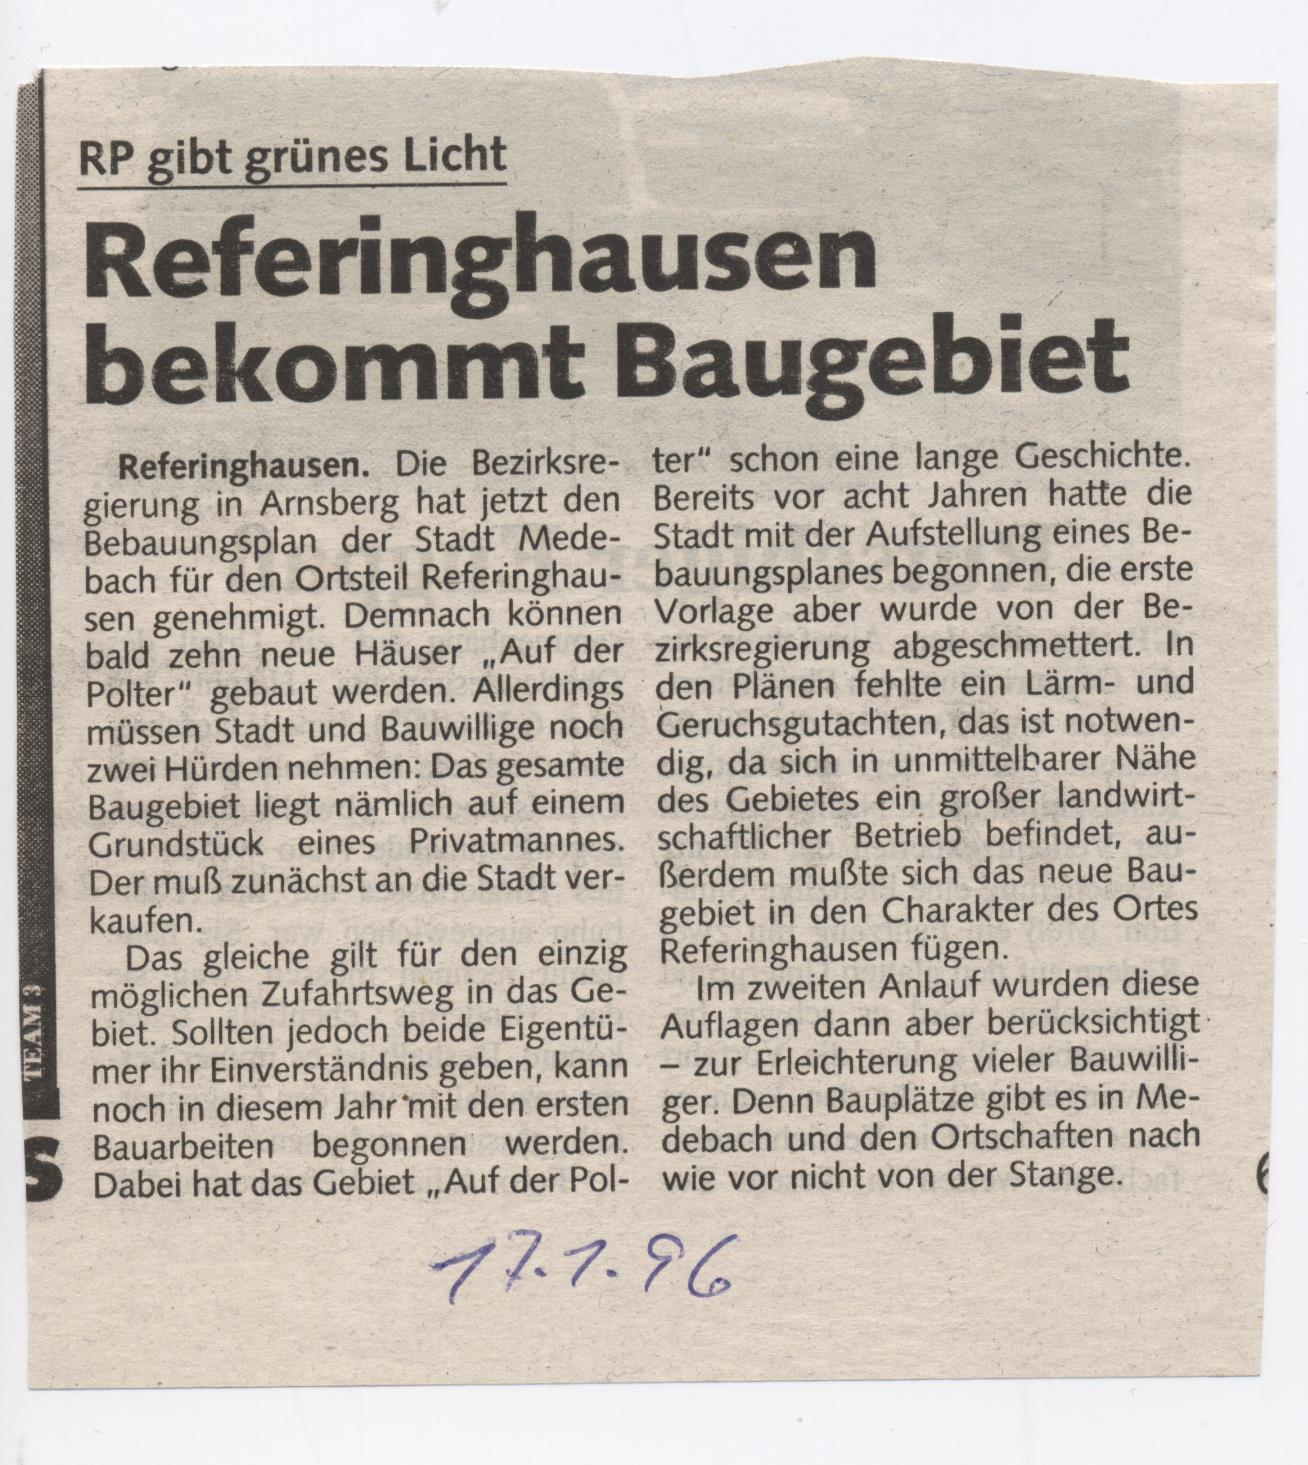 Referinghausen bekommt Baugebiet